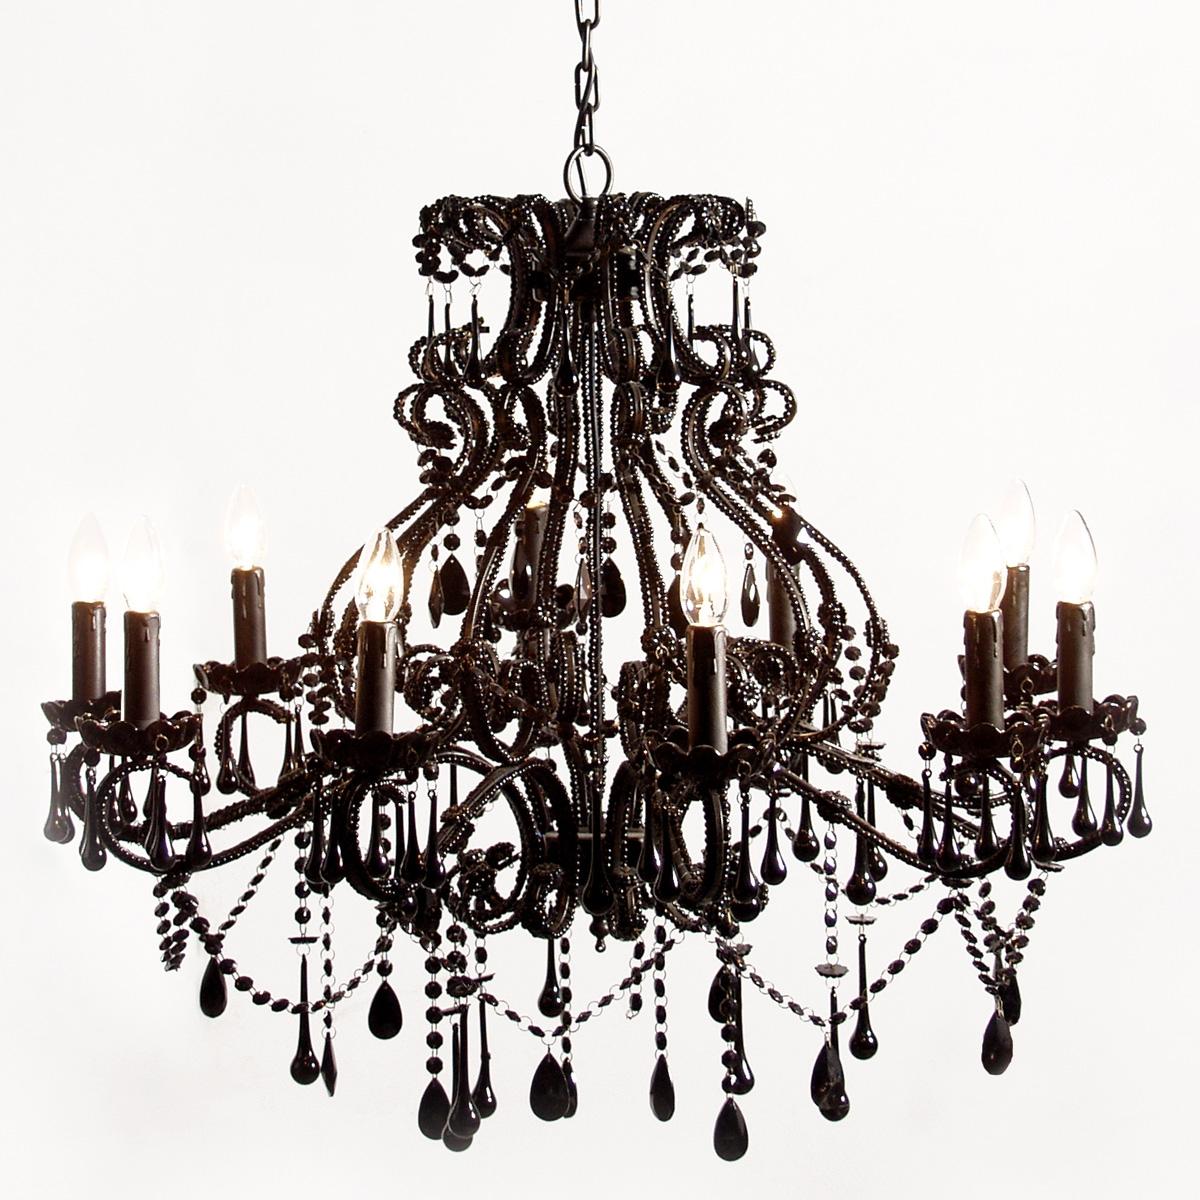 Big Black Chandelier Furniture Ideas For Large Black Chandelier (#2 of 12)